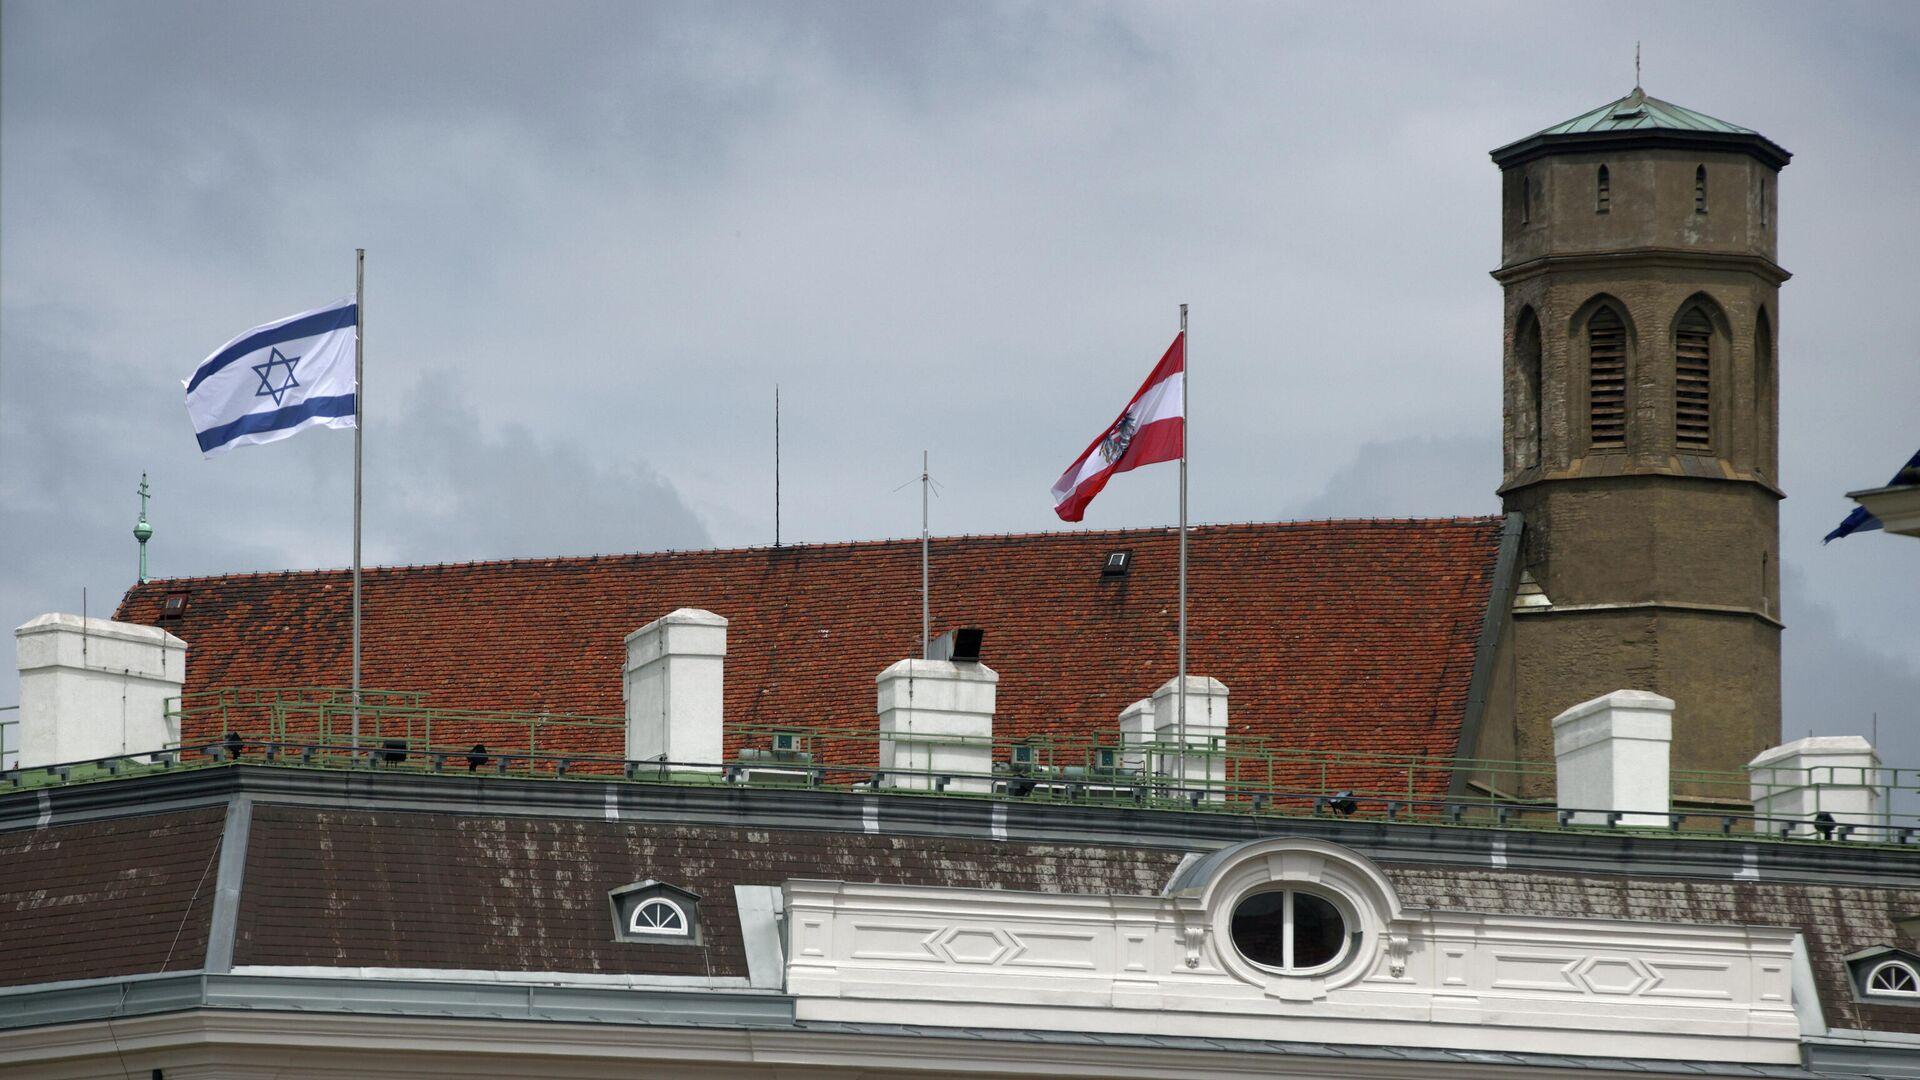 Israelische Flagge auf dem Gebäude des Kanzleramts in Wien, 15. Mai 2021 - SNA, 1920, 18.05.2021